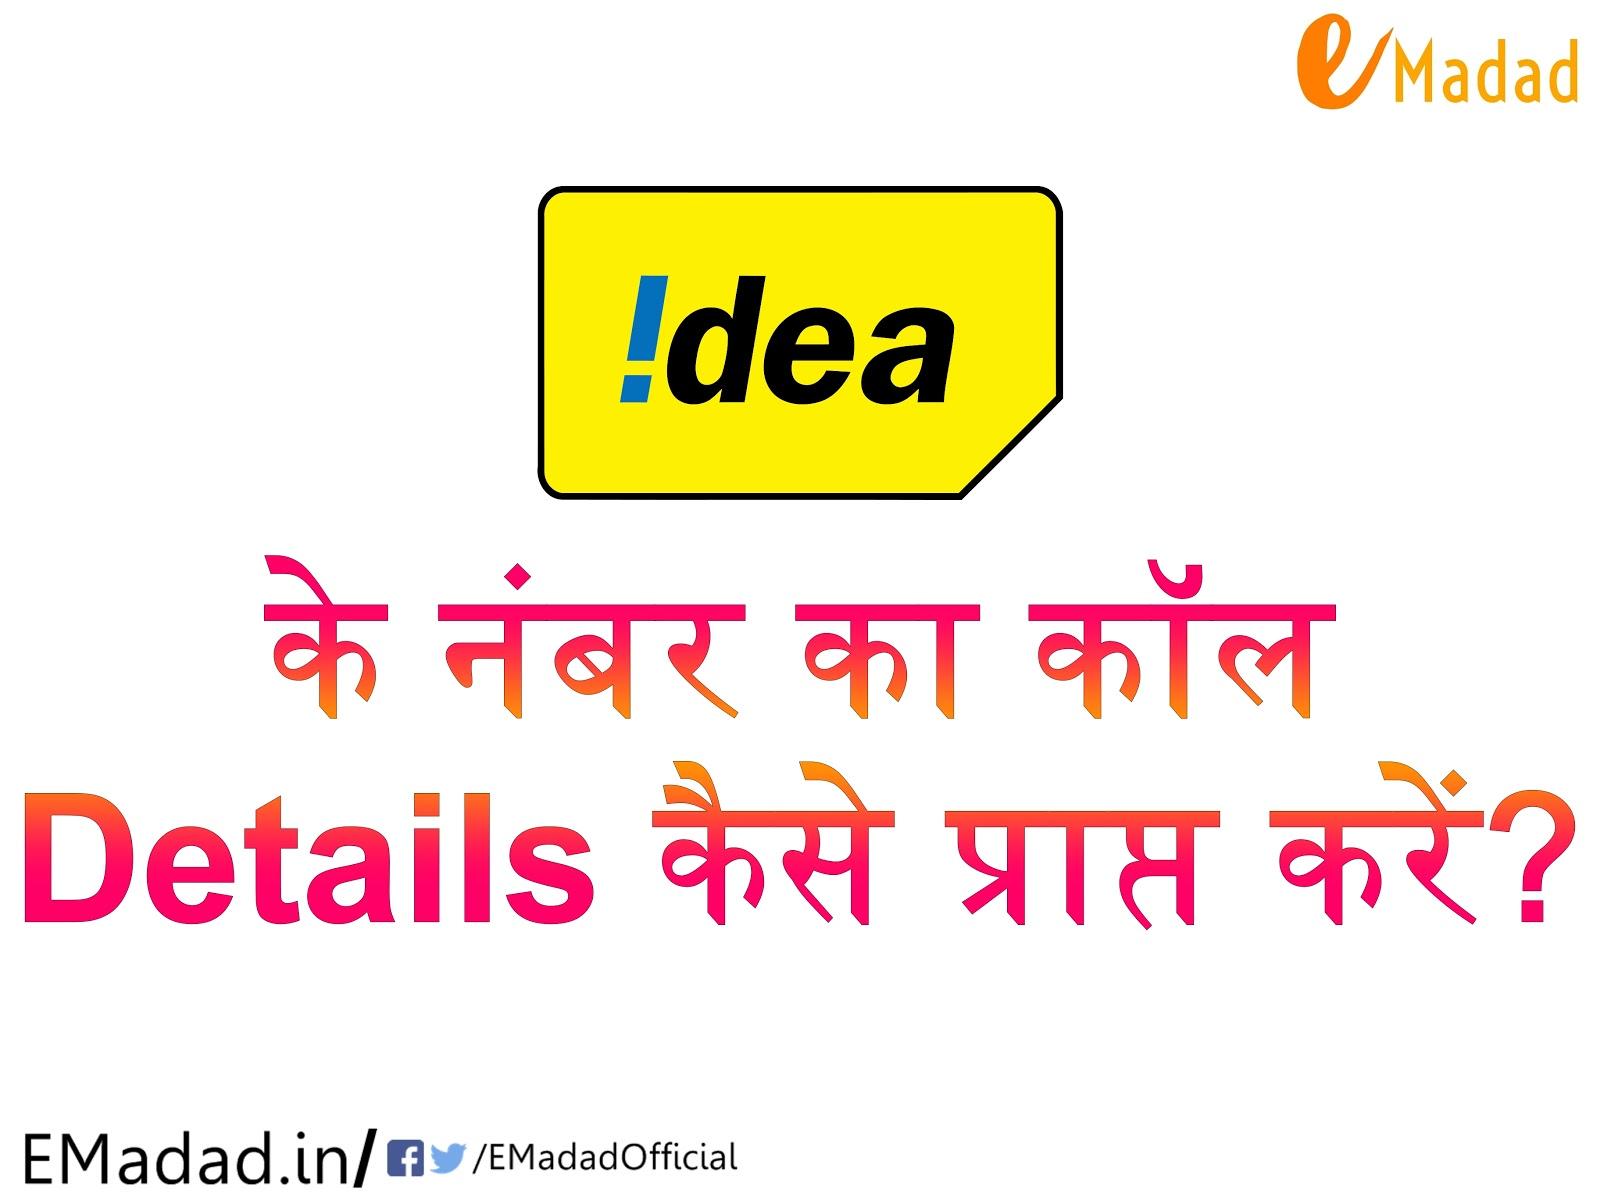 Idea के नंबर का कॉल Details कैसे प्राप्त करें?